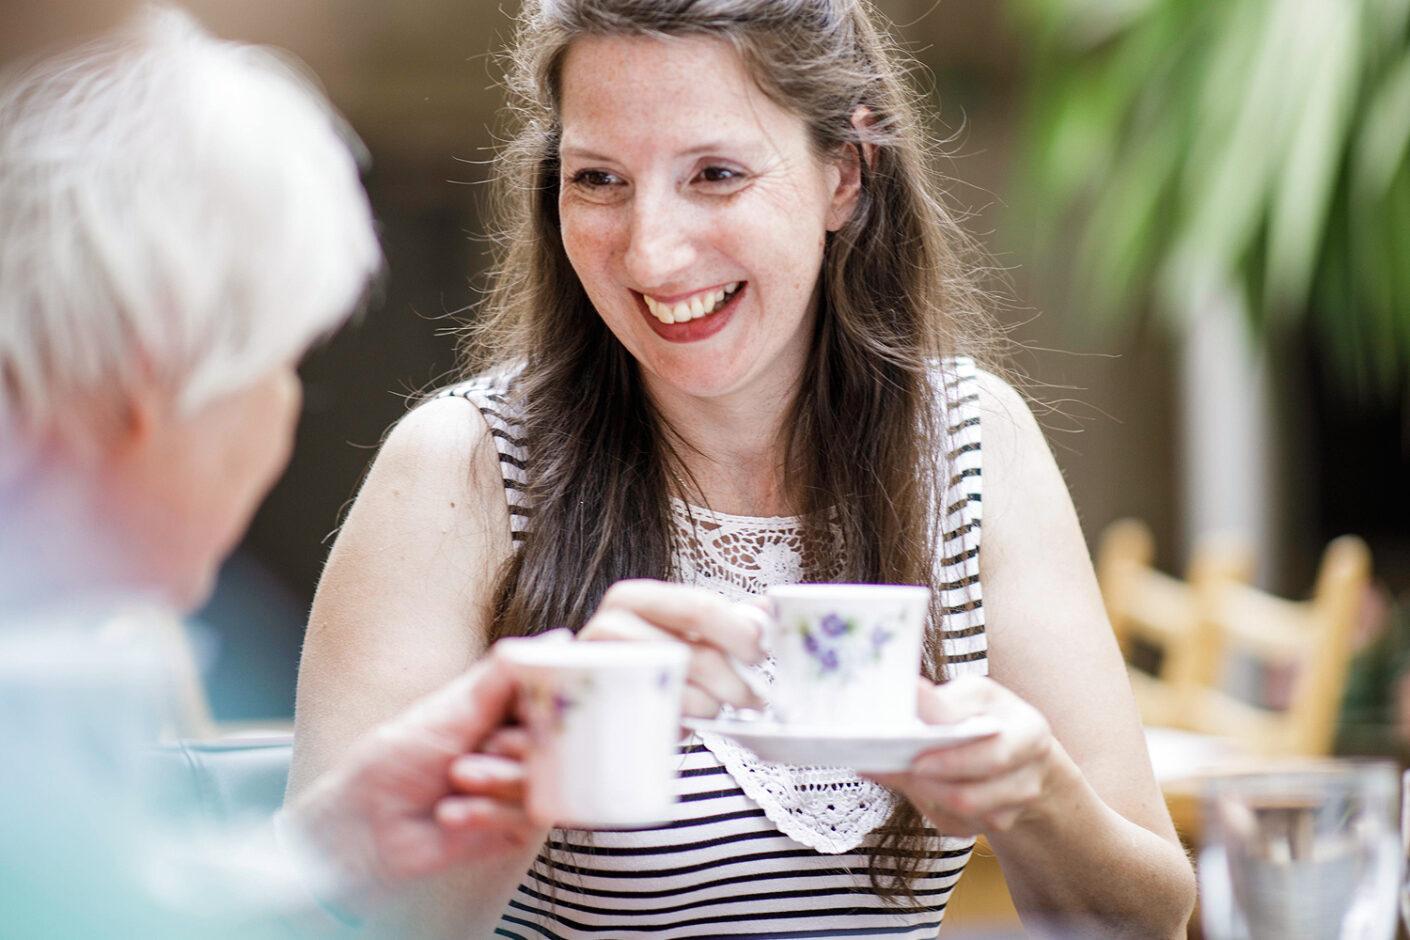 Foto: Junge Frau trinkt Kaffee, Betreuung im Rahmen der stationären Pflege der Diakonie Münster